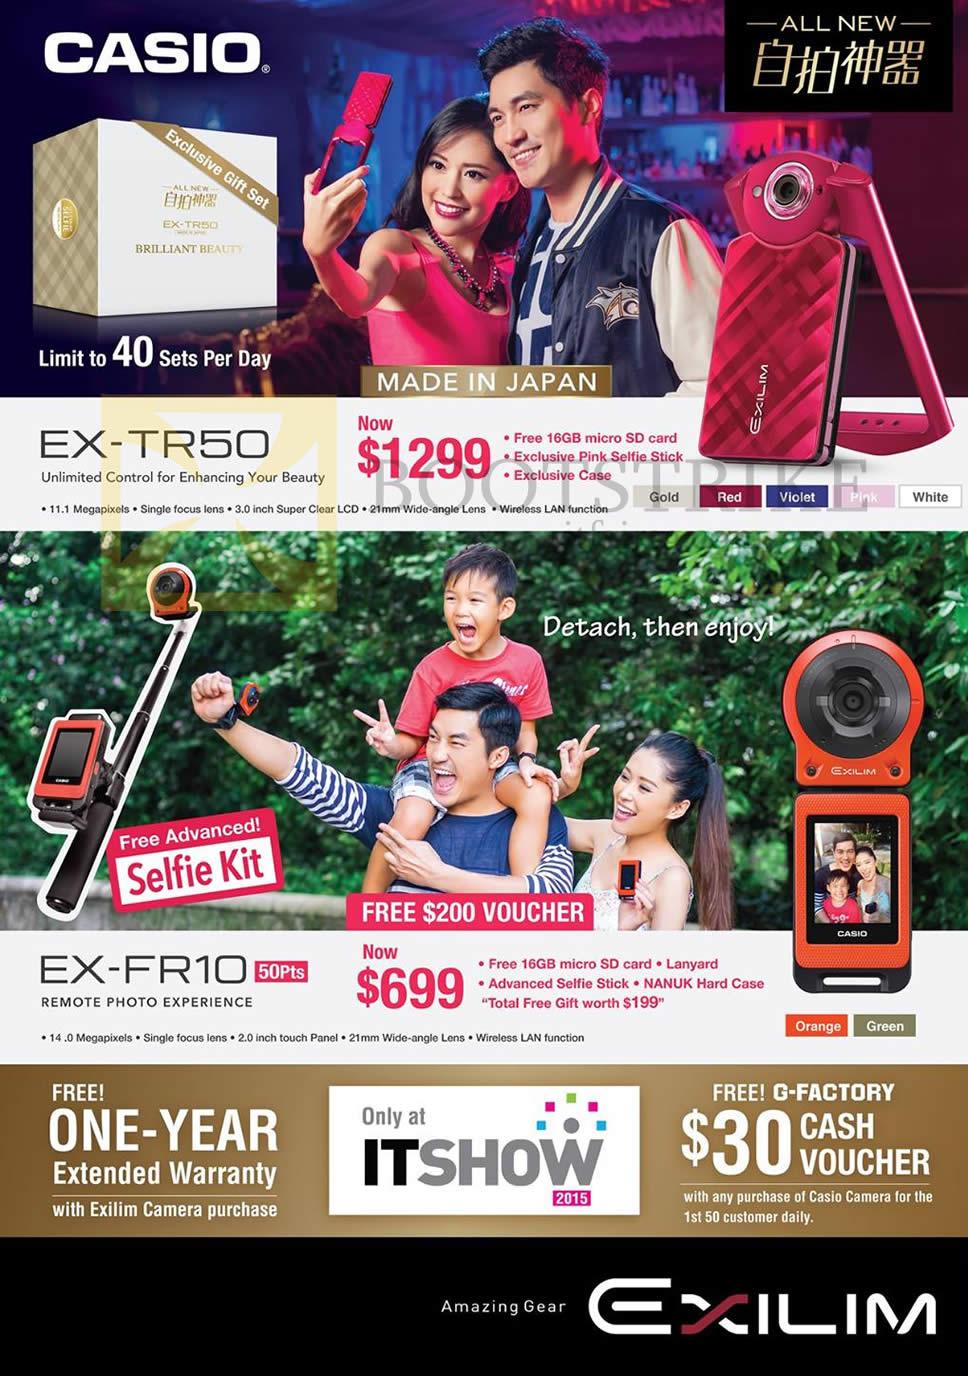 Casio Digital Cameras Exilim EX-TR5Q, EX-FR1D